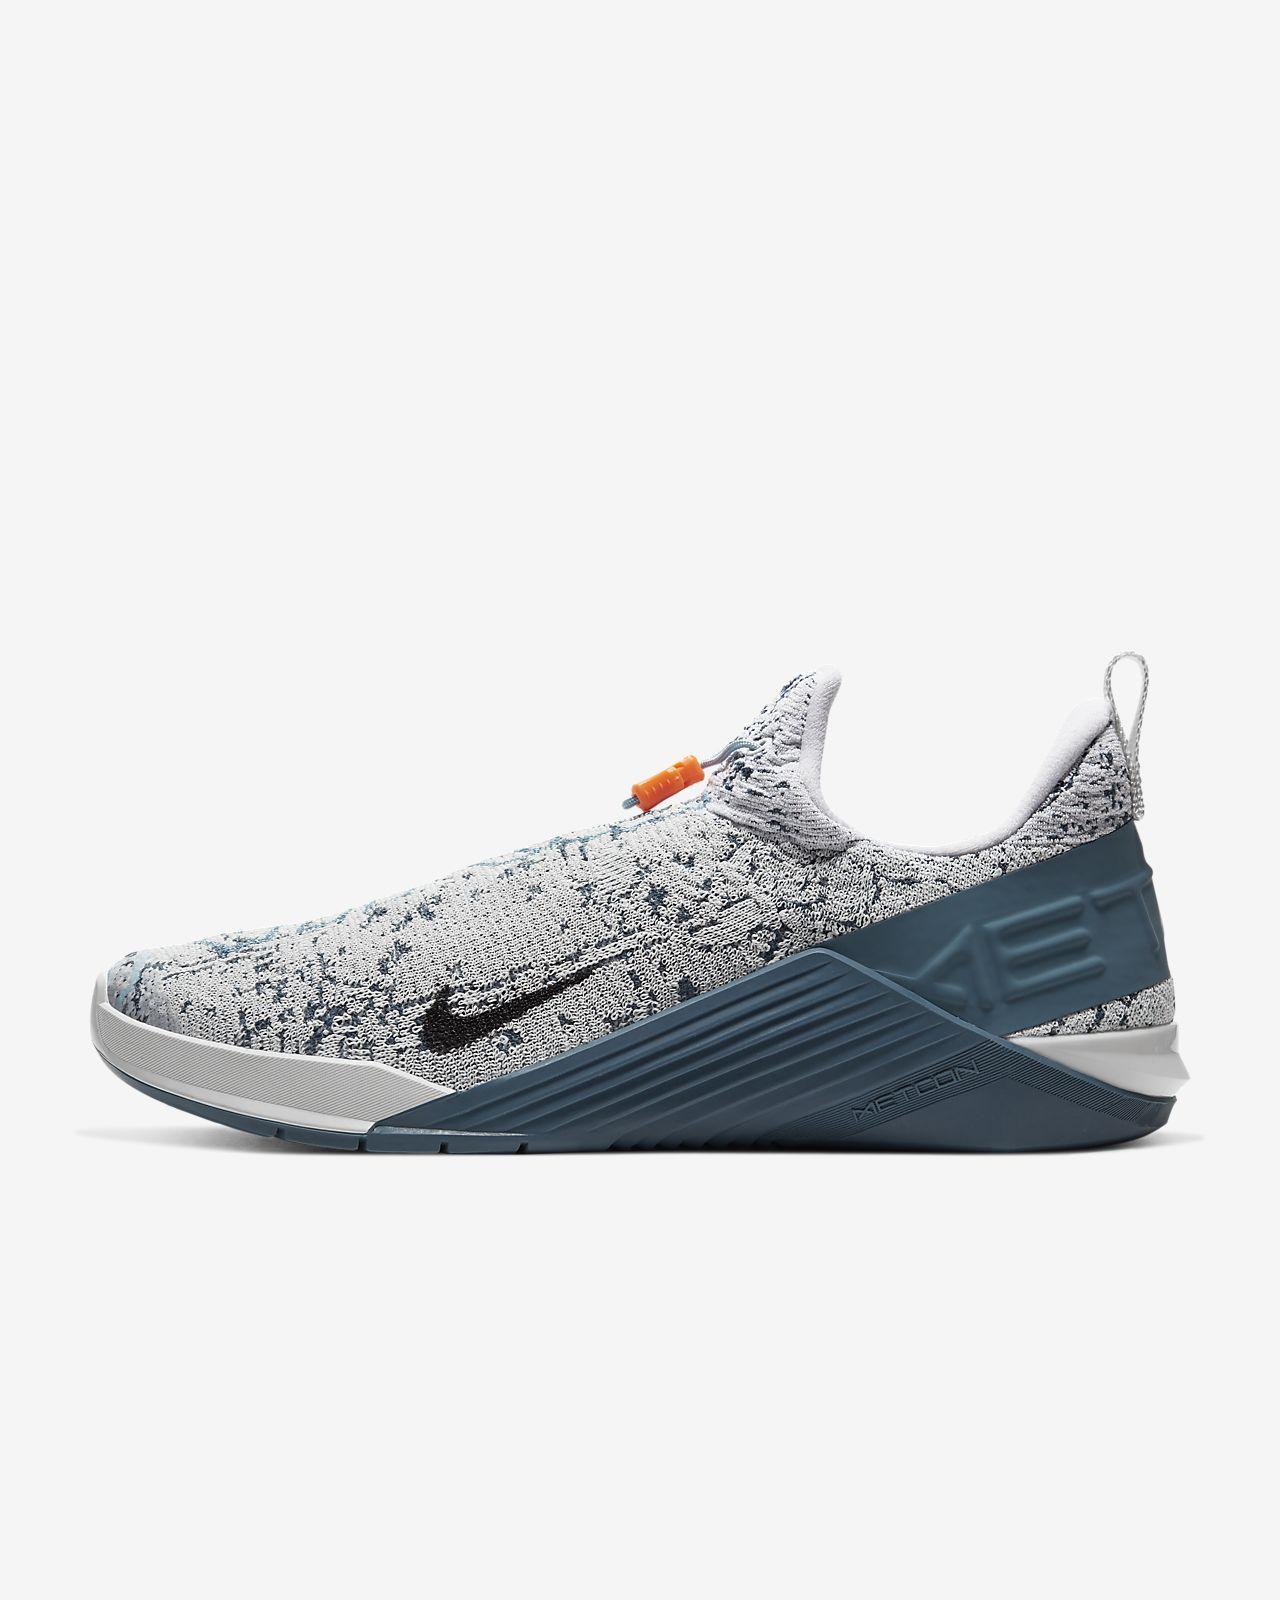 Ανδρικό παπούτσι προπόνησης Nike React Metcon